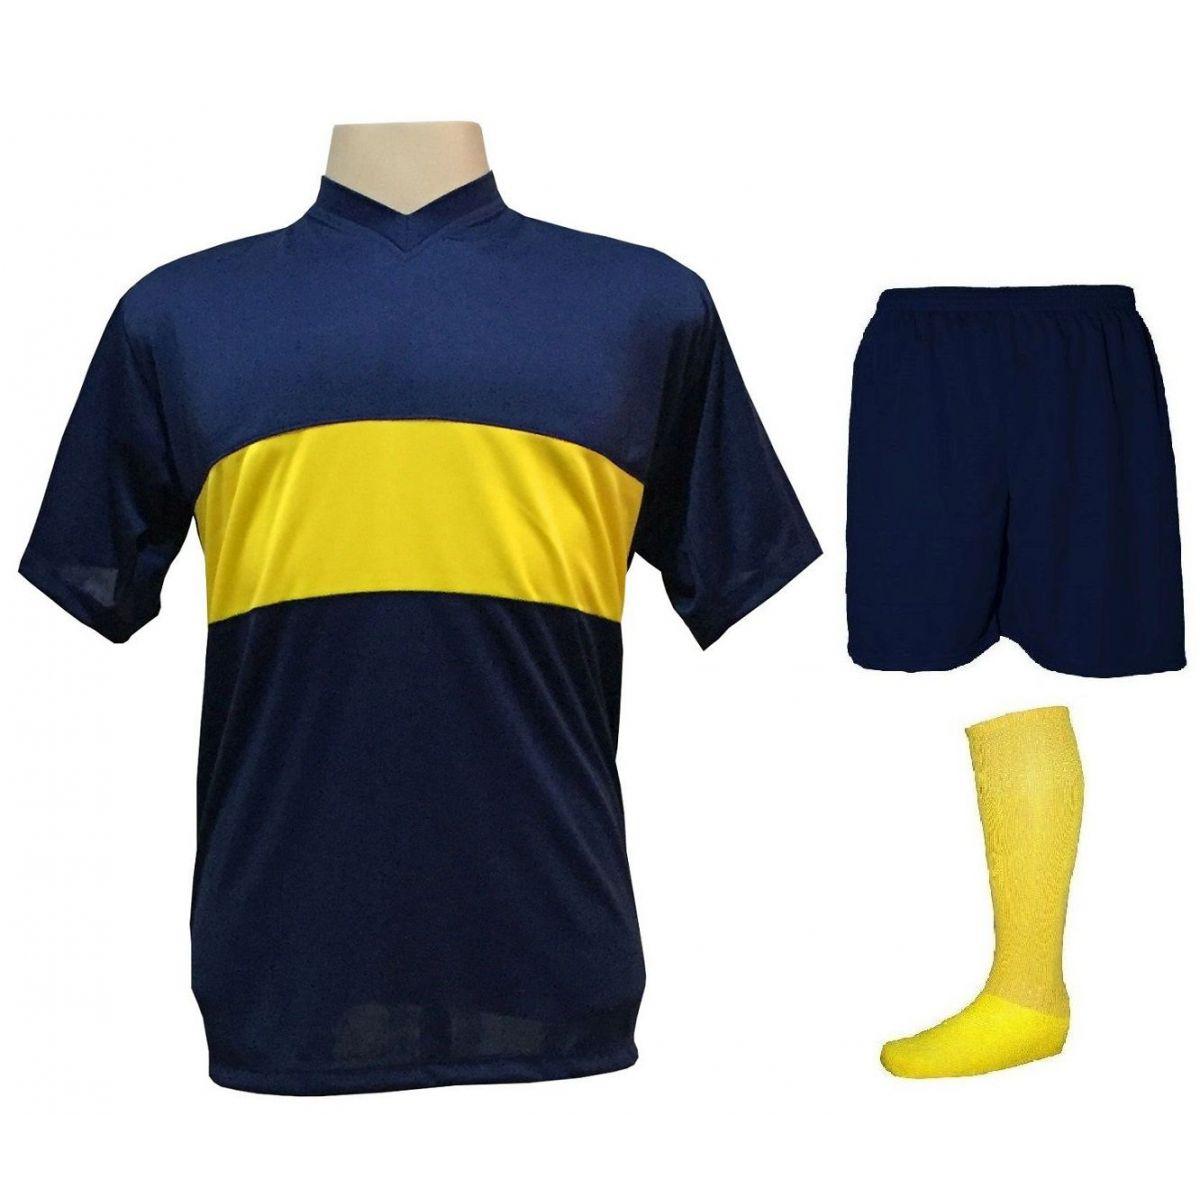 Uniforme Esportivo Completo modelo Boca Juniors 14+1 (14 camisas Marinho/Amarelo + 14 calções Madrid Marinho + 14 pares de meiões Amarelos + 1 conjunto de goleiro) + Brindes